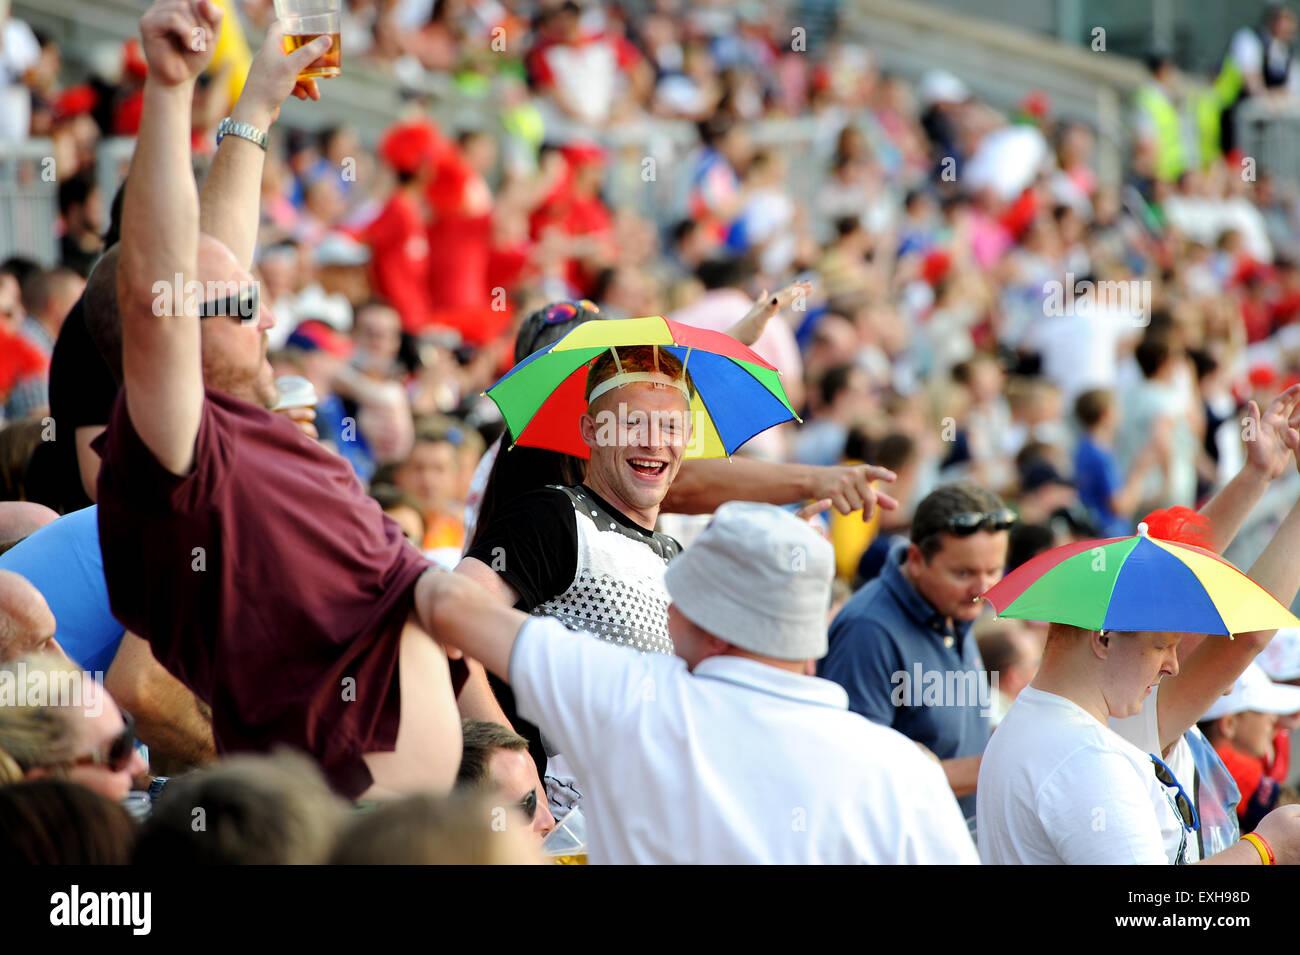 Fans celebrando en la muchedumbre en Emiratos, Old Trafford, Manchester, Inglaterra. T20 Blast partido de cricket Imagen De Stock